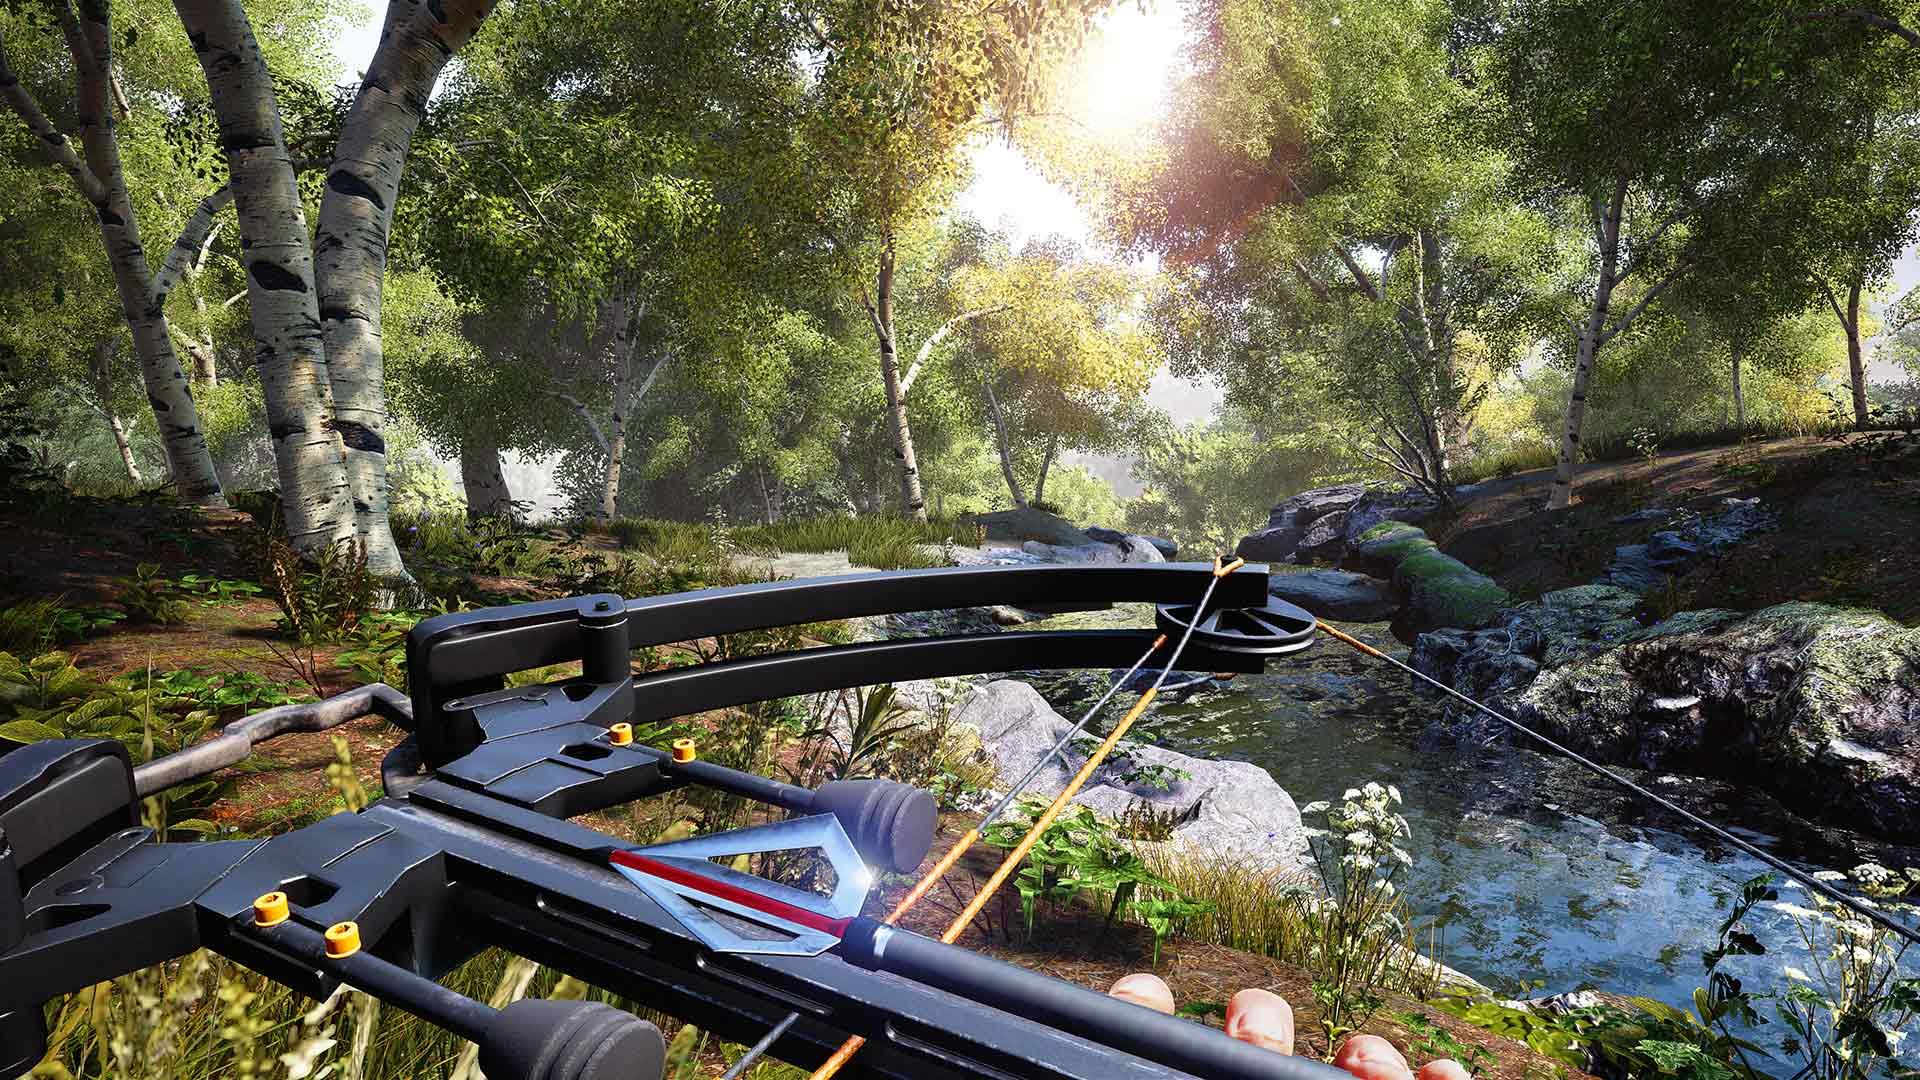 A Unreal Engine 4 ajudou a ampliar muito a qualidade dos aspectos gráficos do jogo, apesar de apresentar ainda problemas de animação.